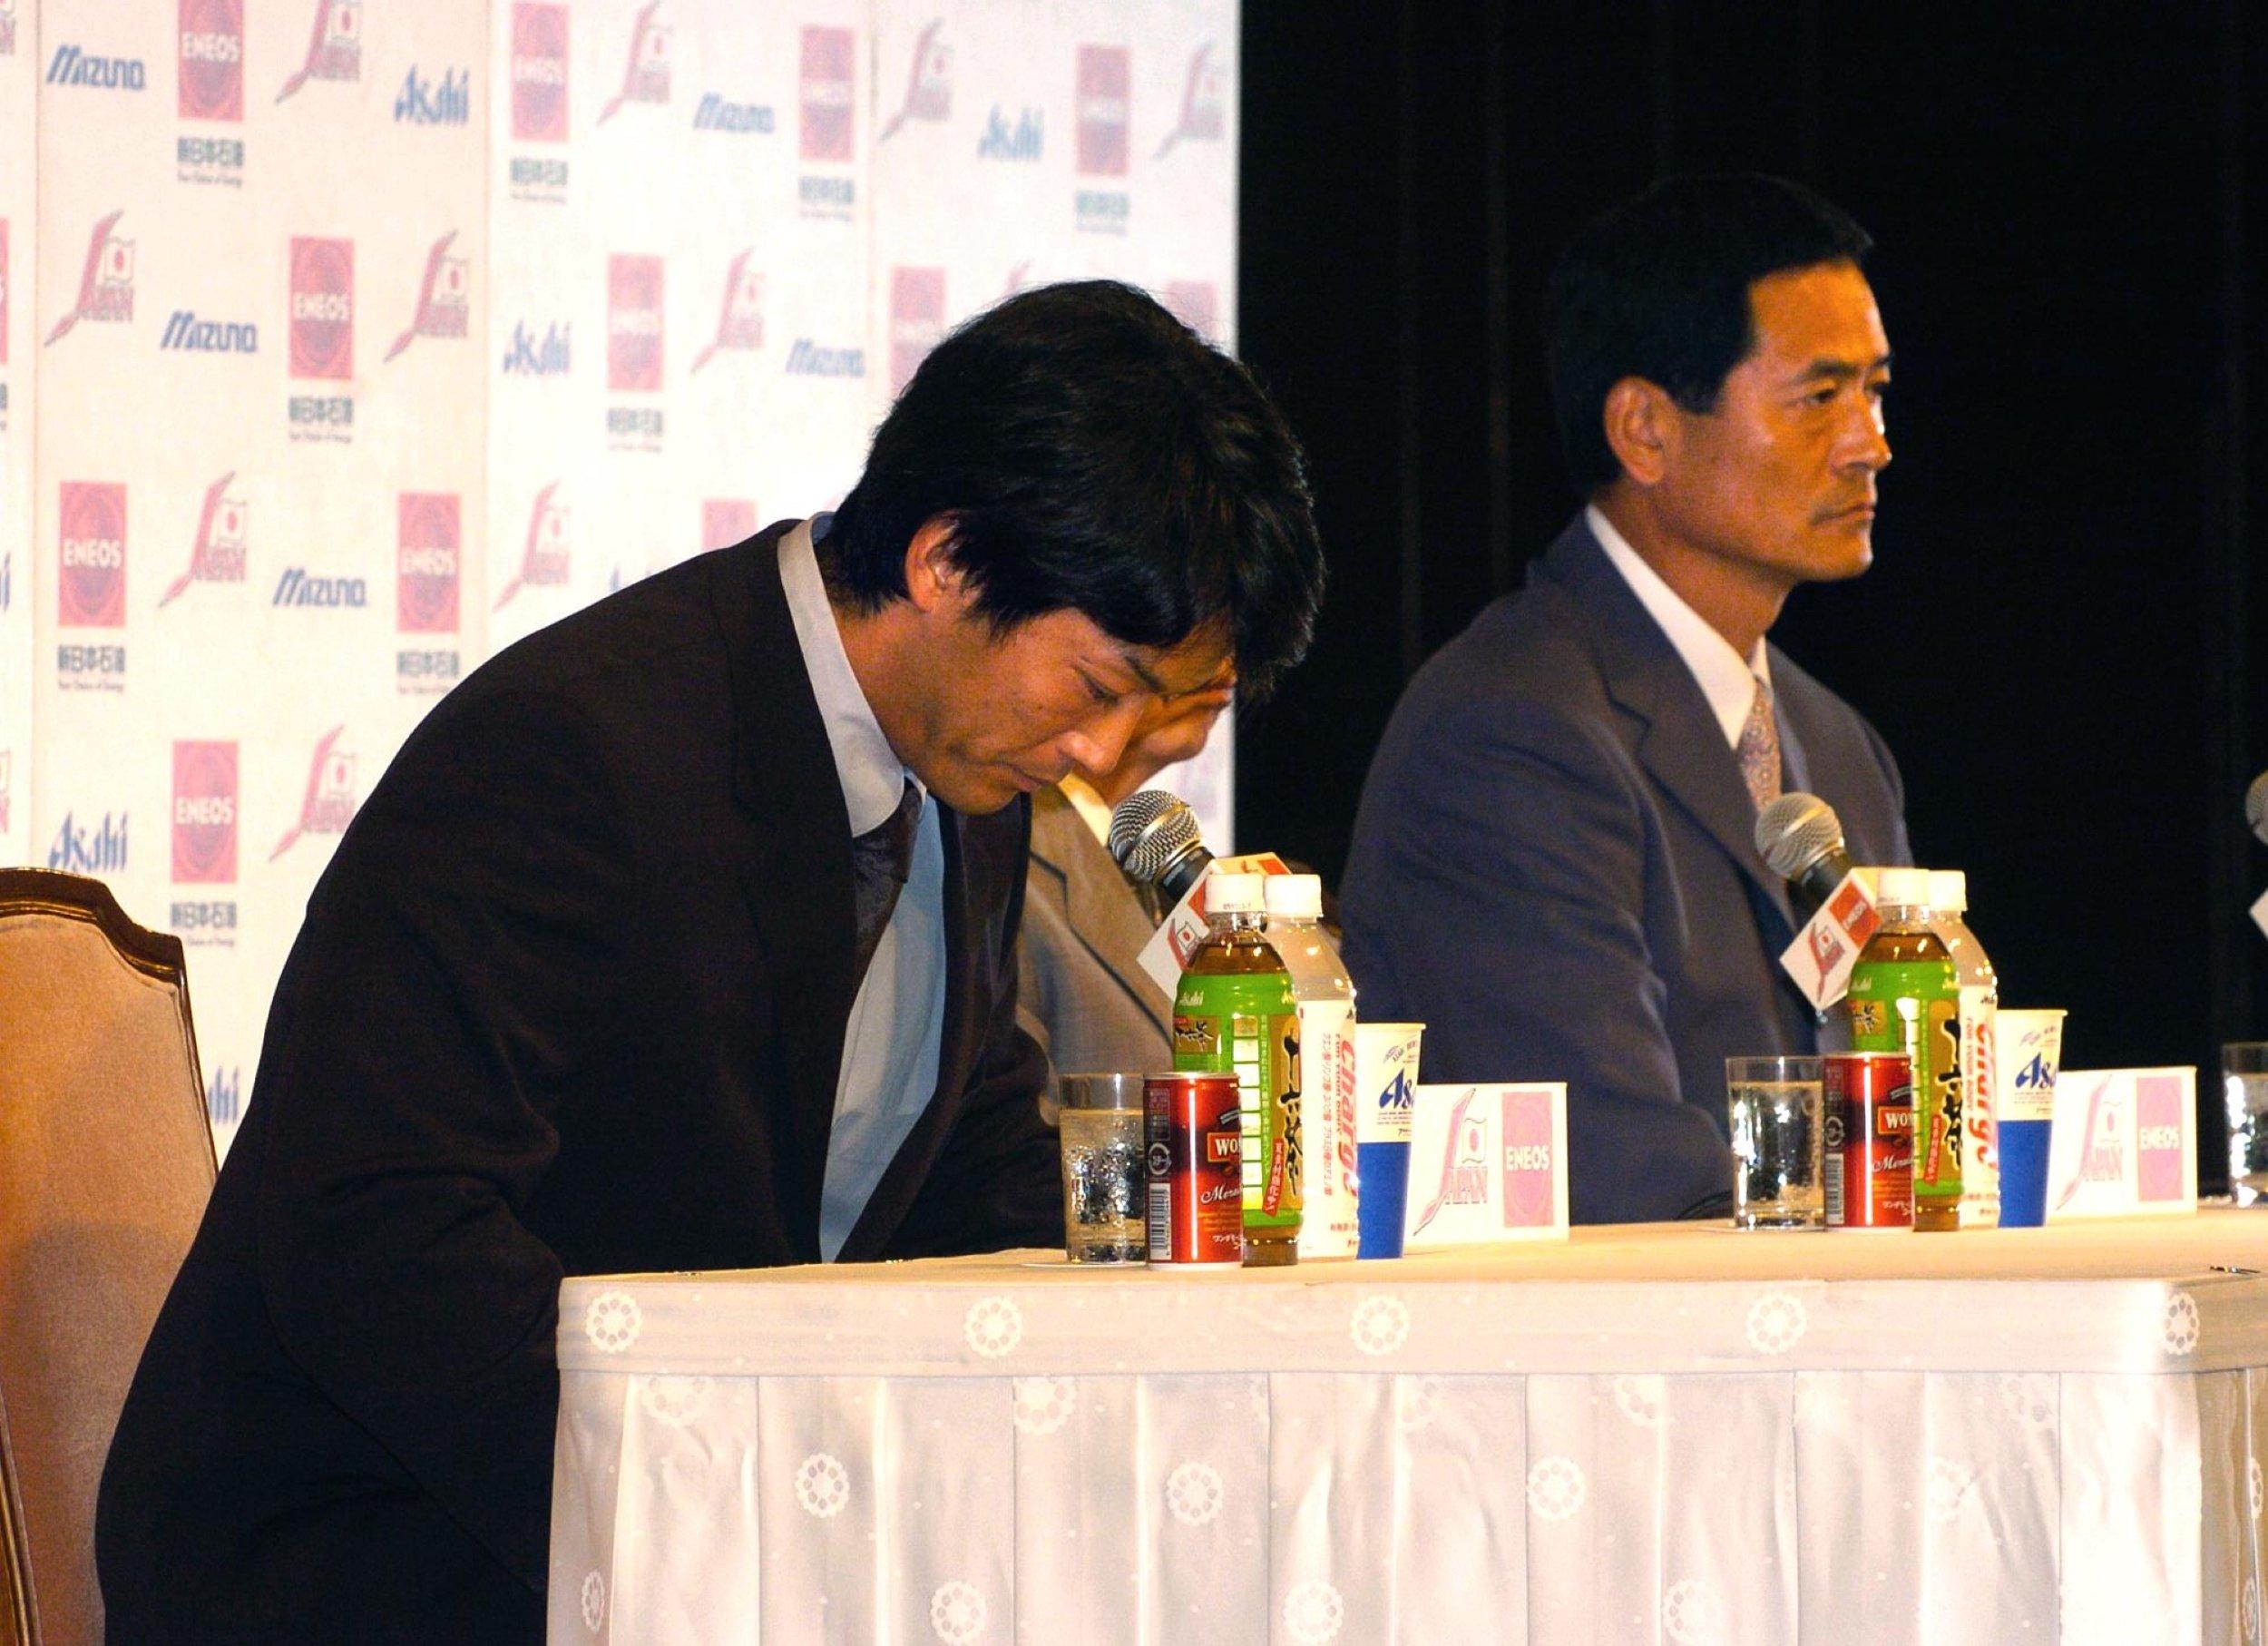 長嶋監督のアテネ行き断念を発表した長男の一茂氏 (C)Sankei Shimbun